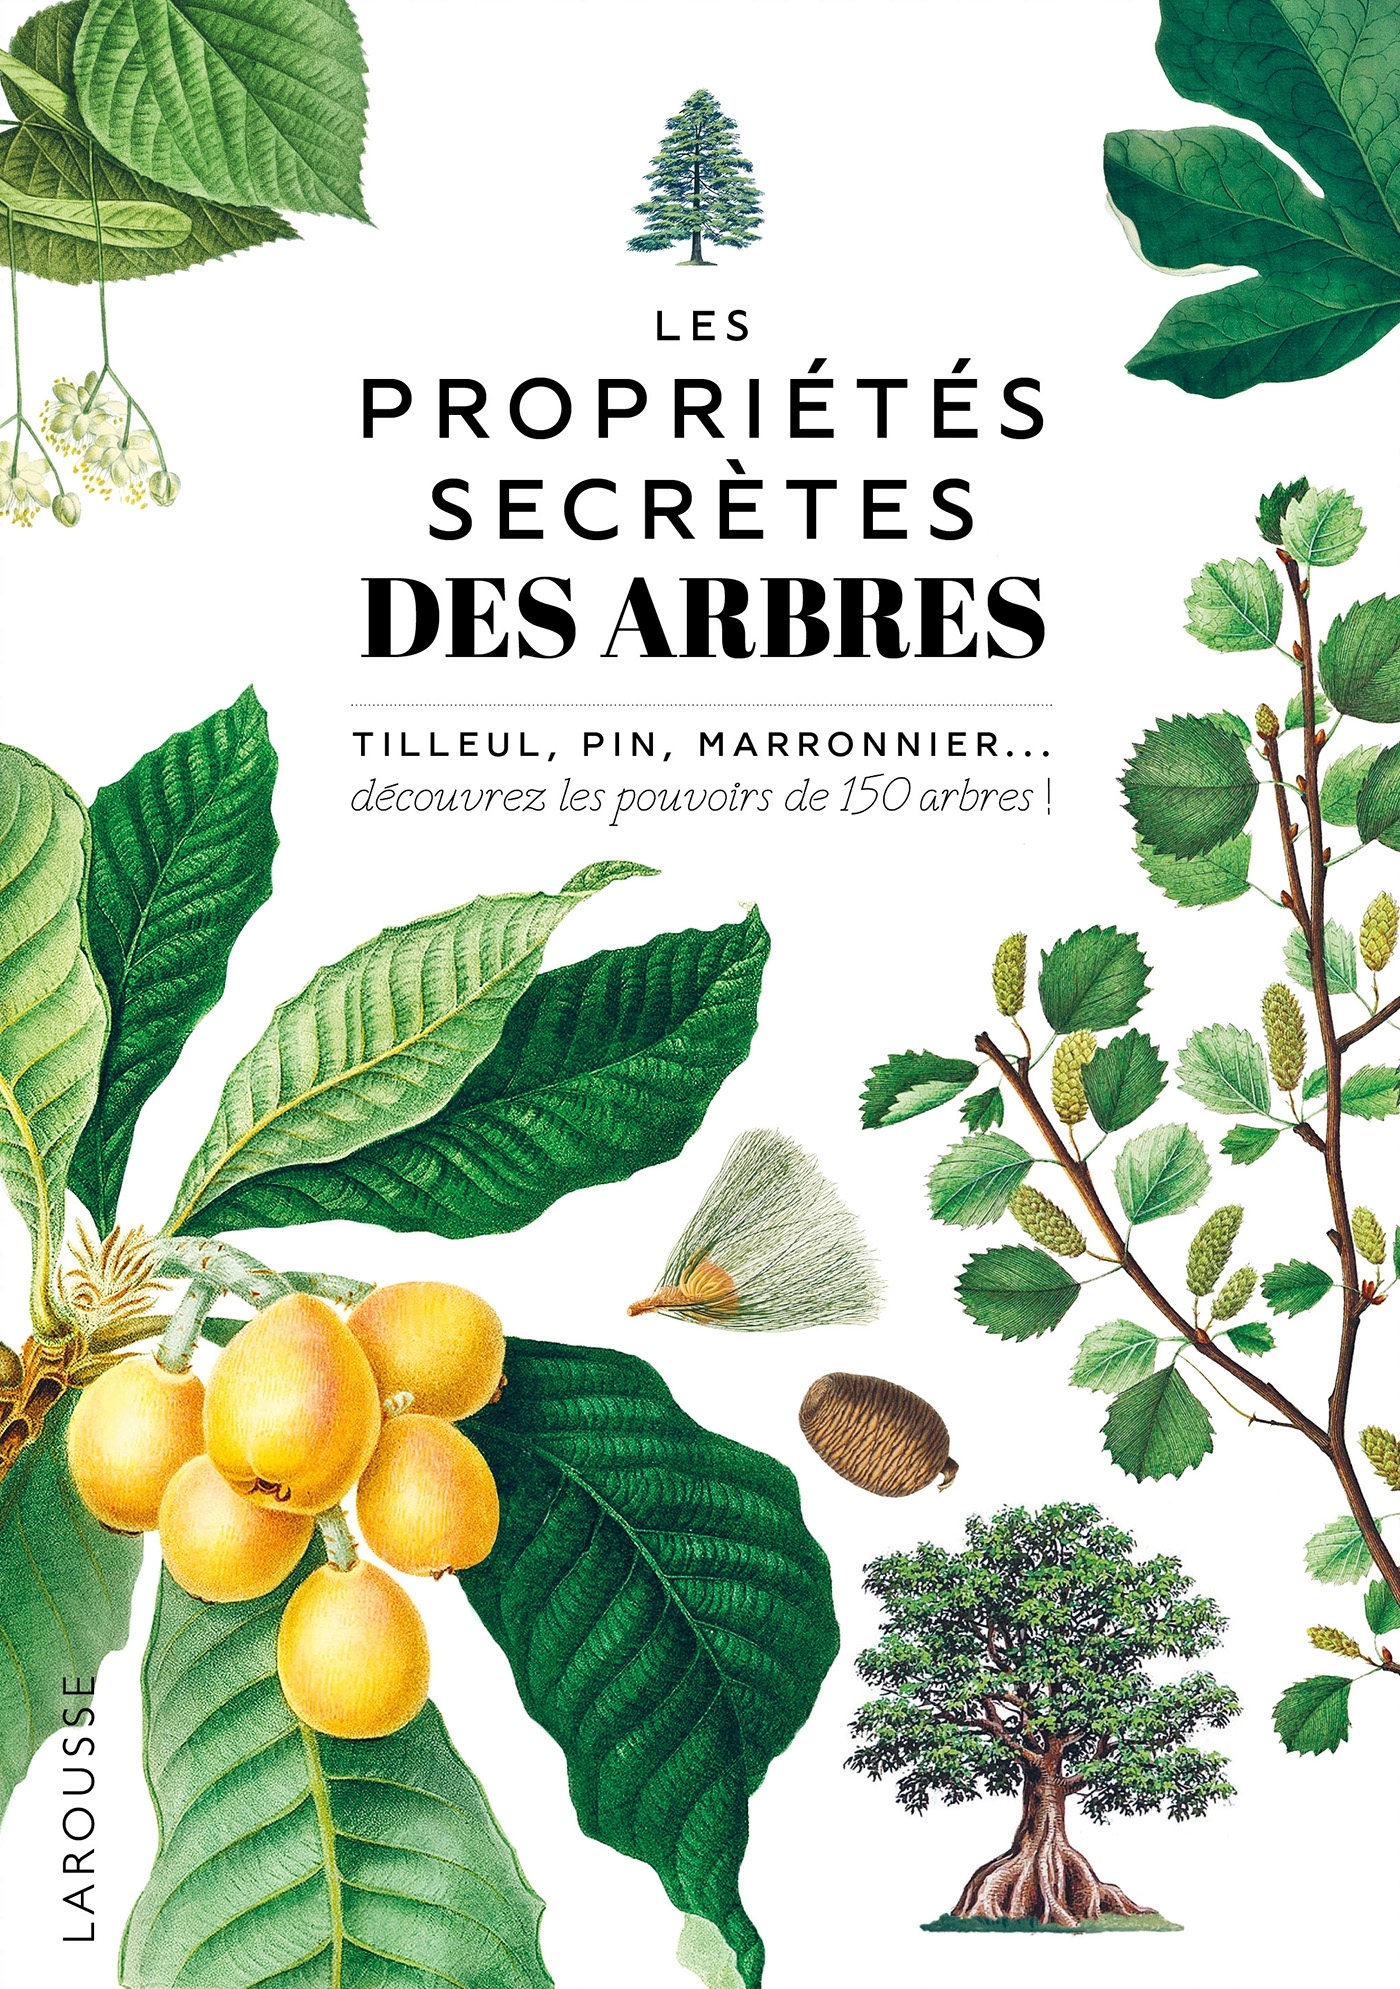 LES PROPRIETES SECRETES DES ARBRES